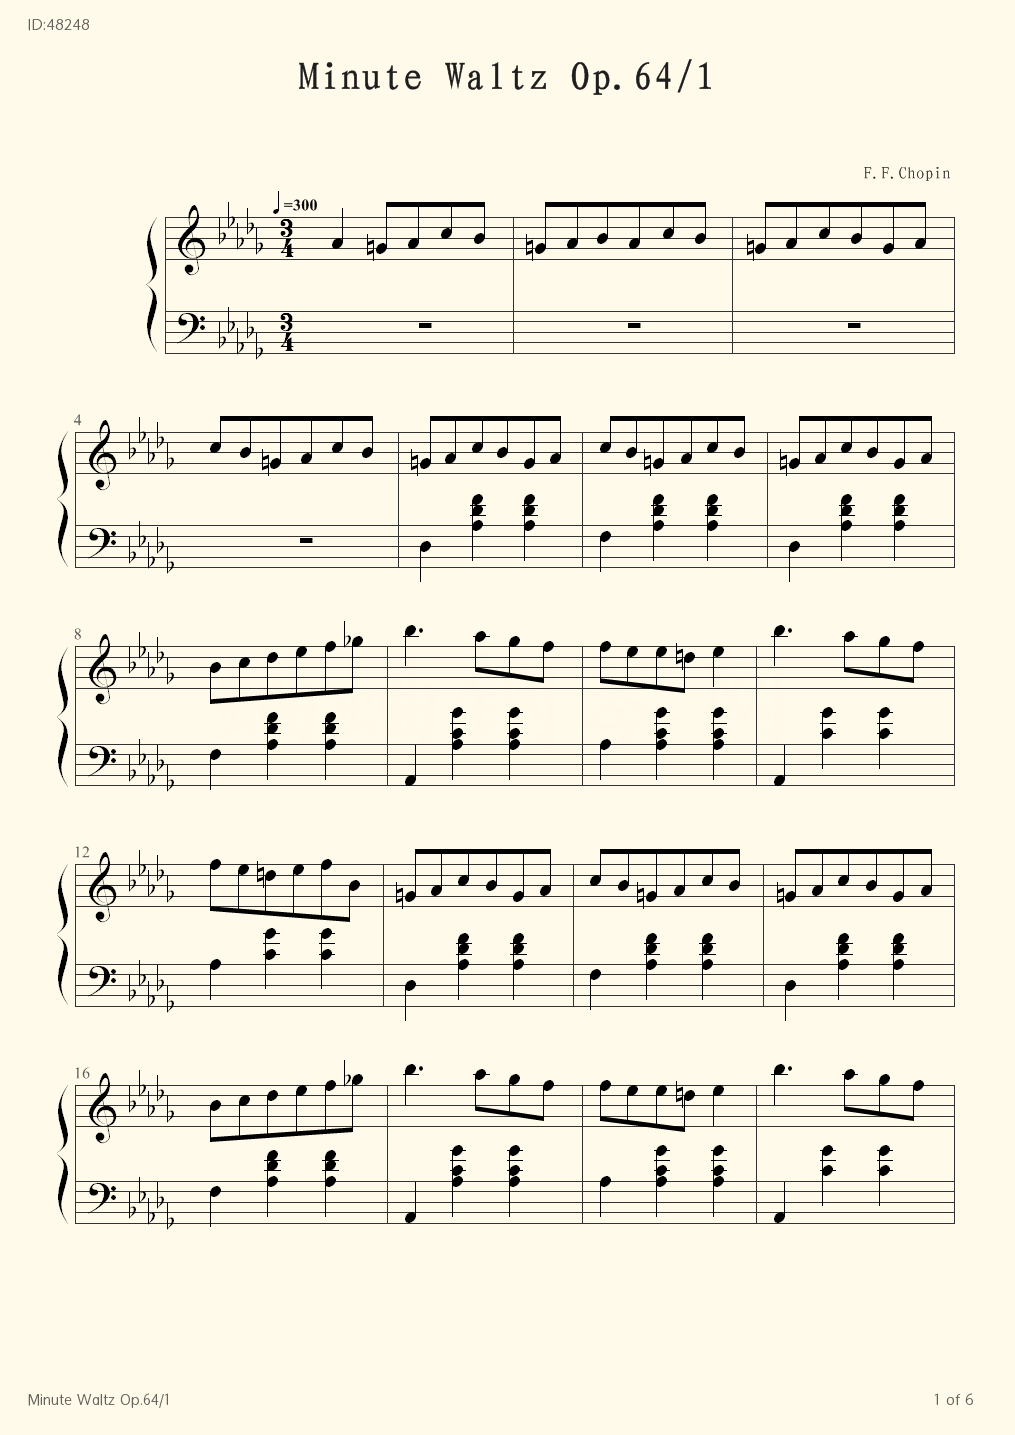 Minute Waltz Op.64/1 - F.F.Chopin - first page